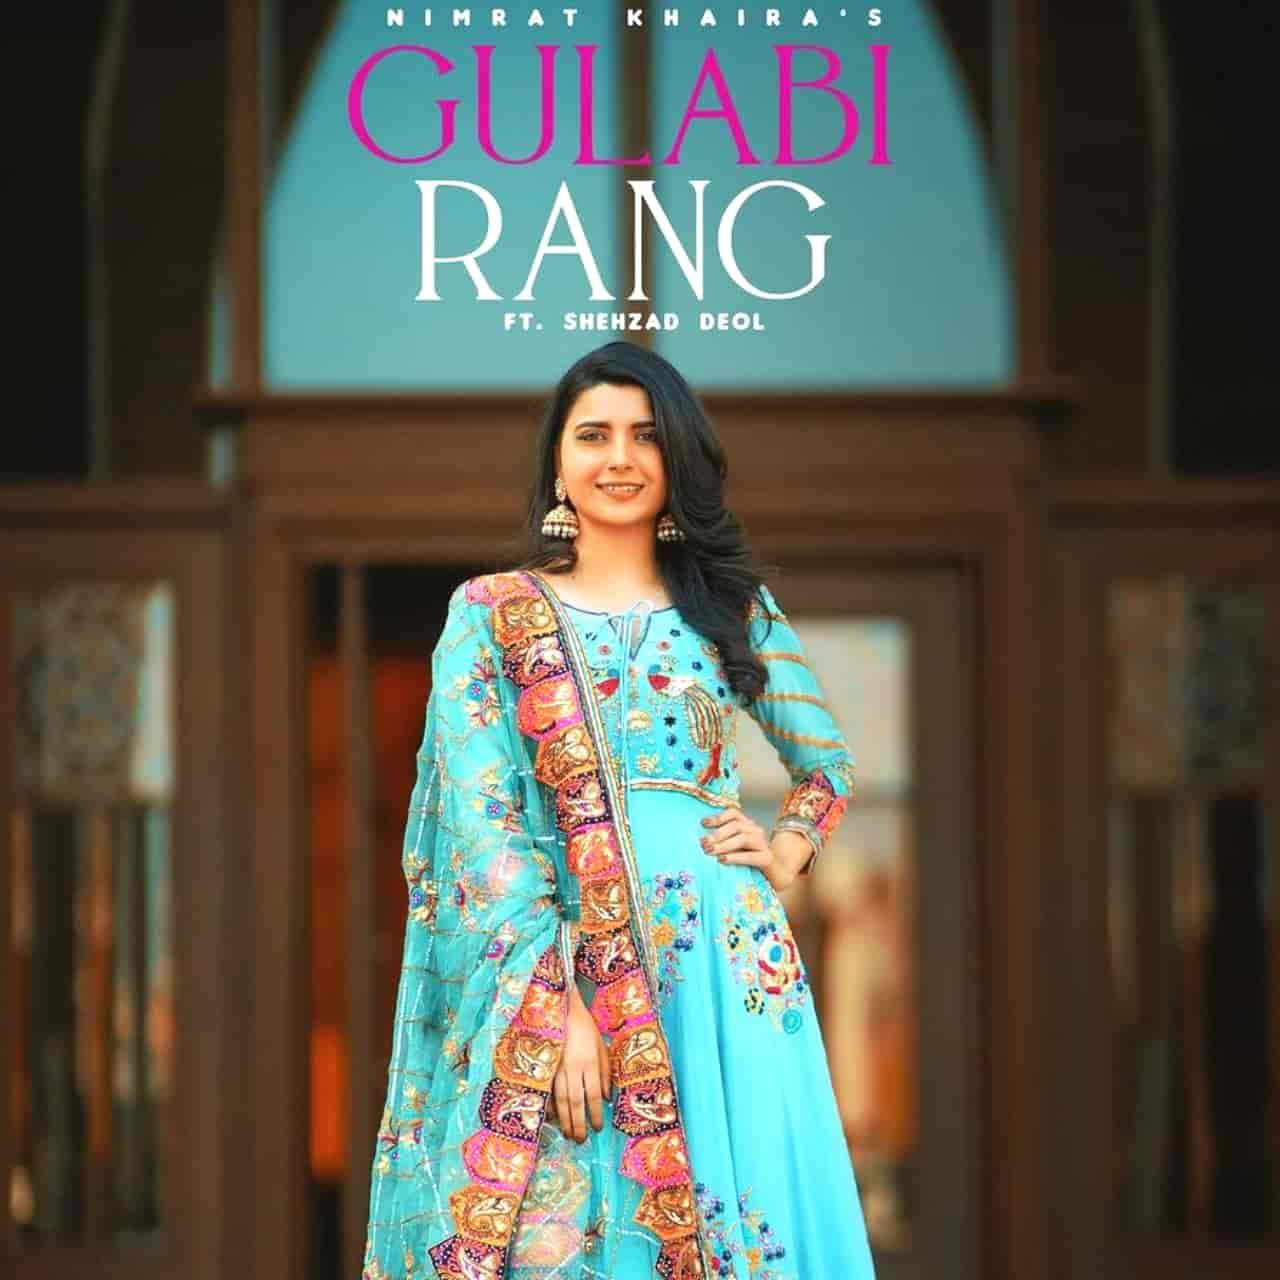 Gulabi Rang Punjabi Song Image Features Nimrat Khaira